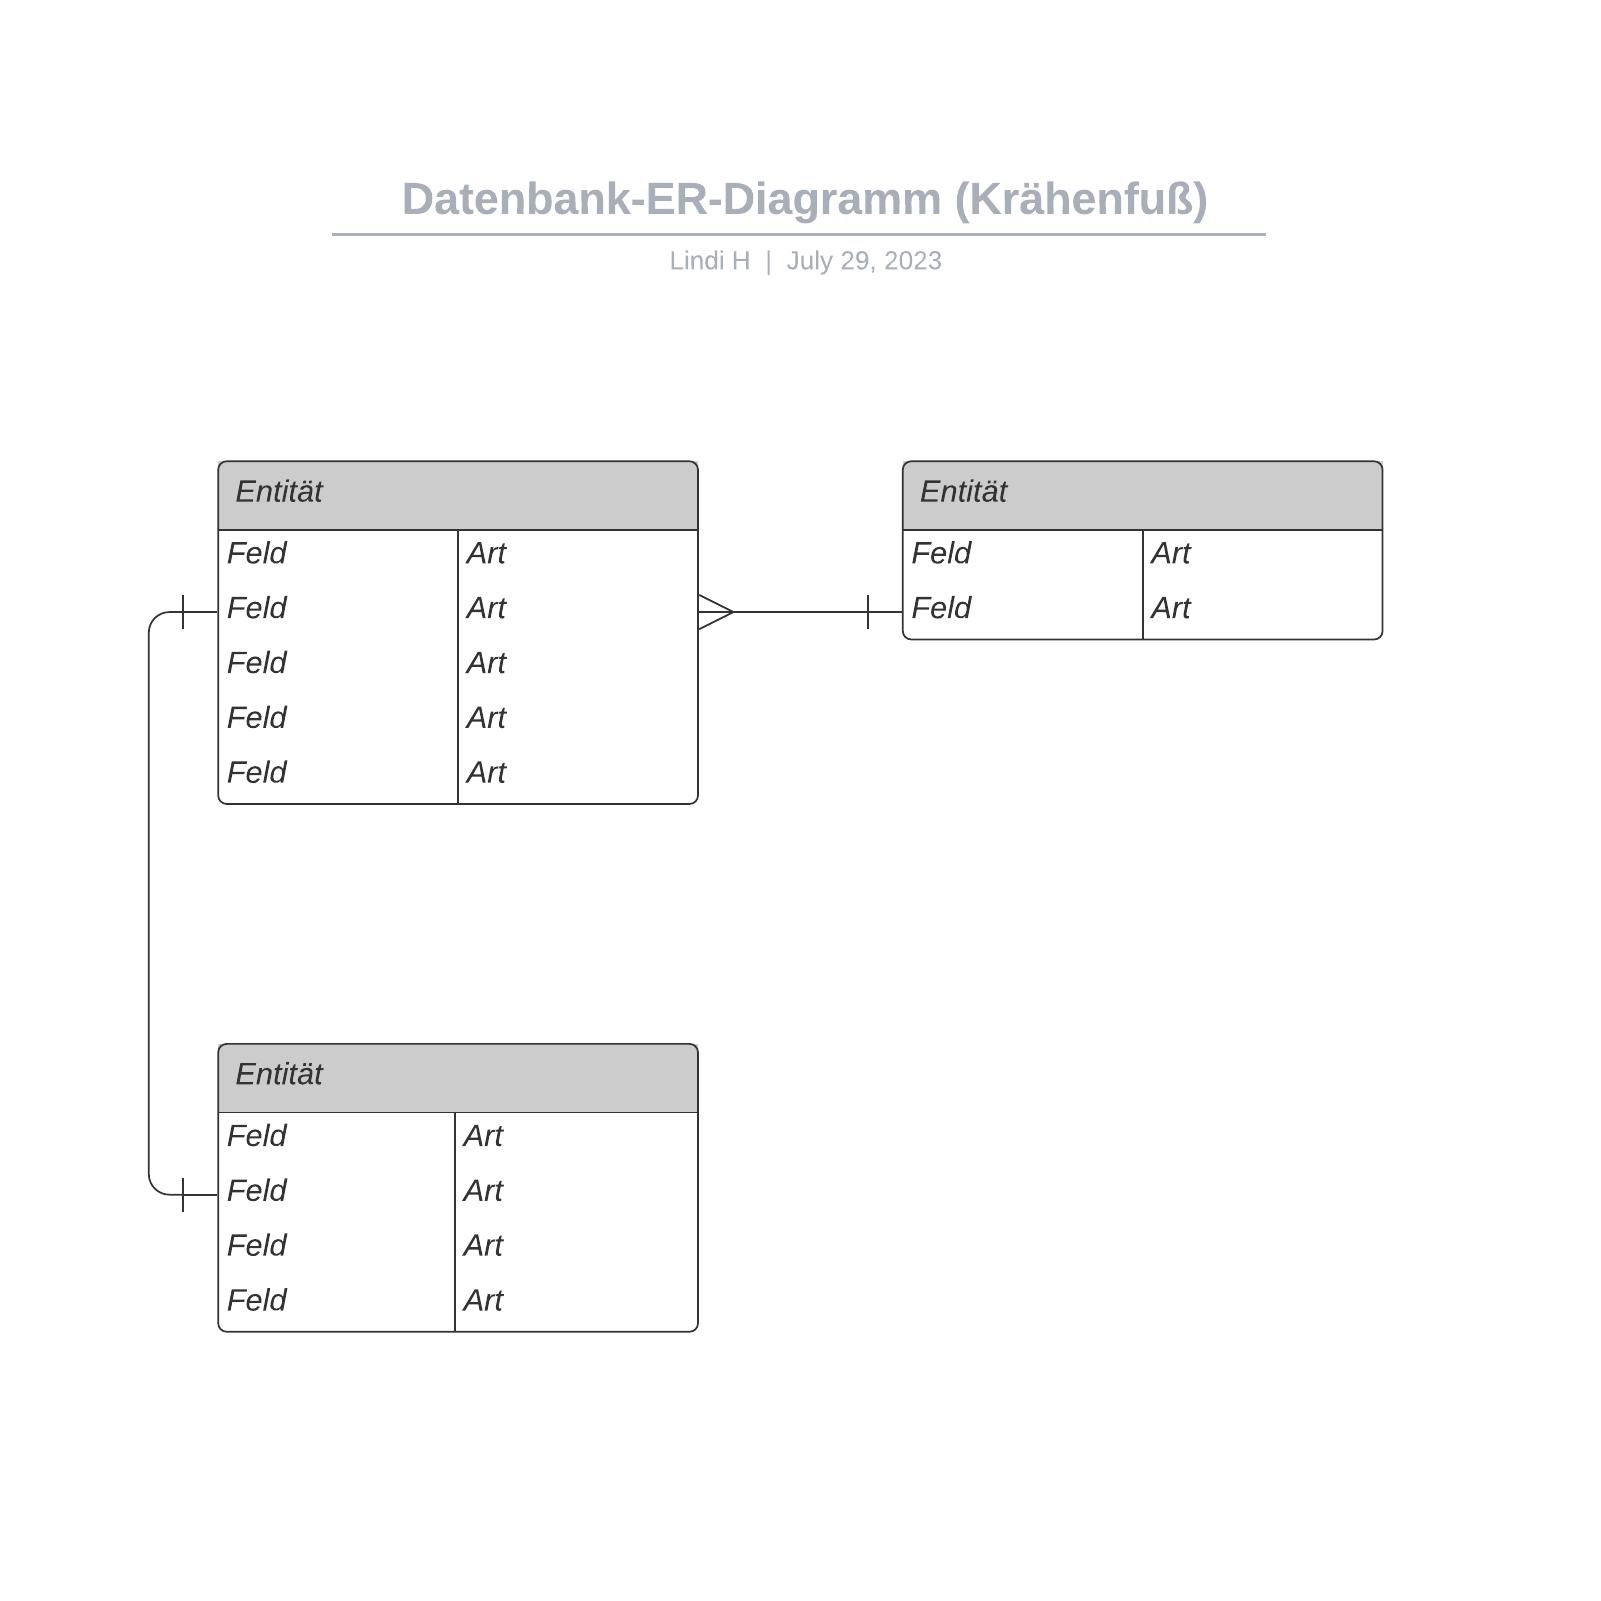 Datenbank-ER-Diagramm (Krähenfuß) Vorlage